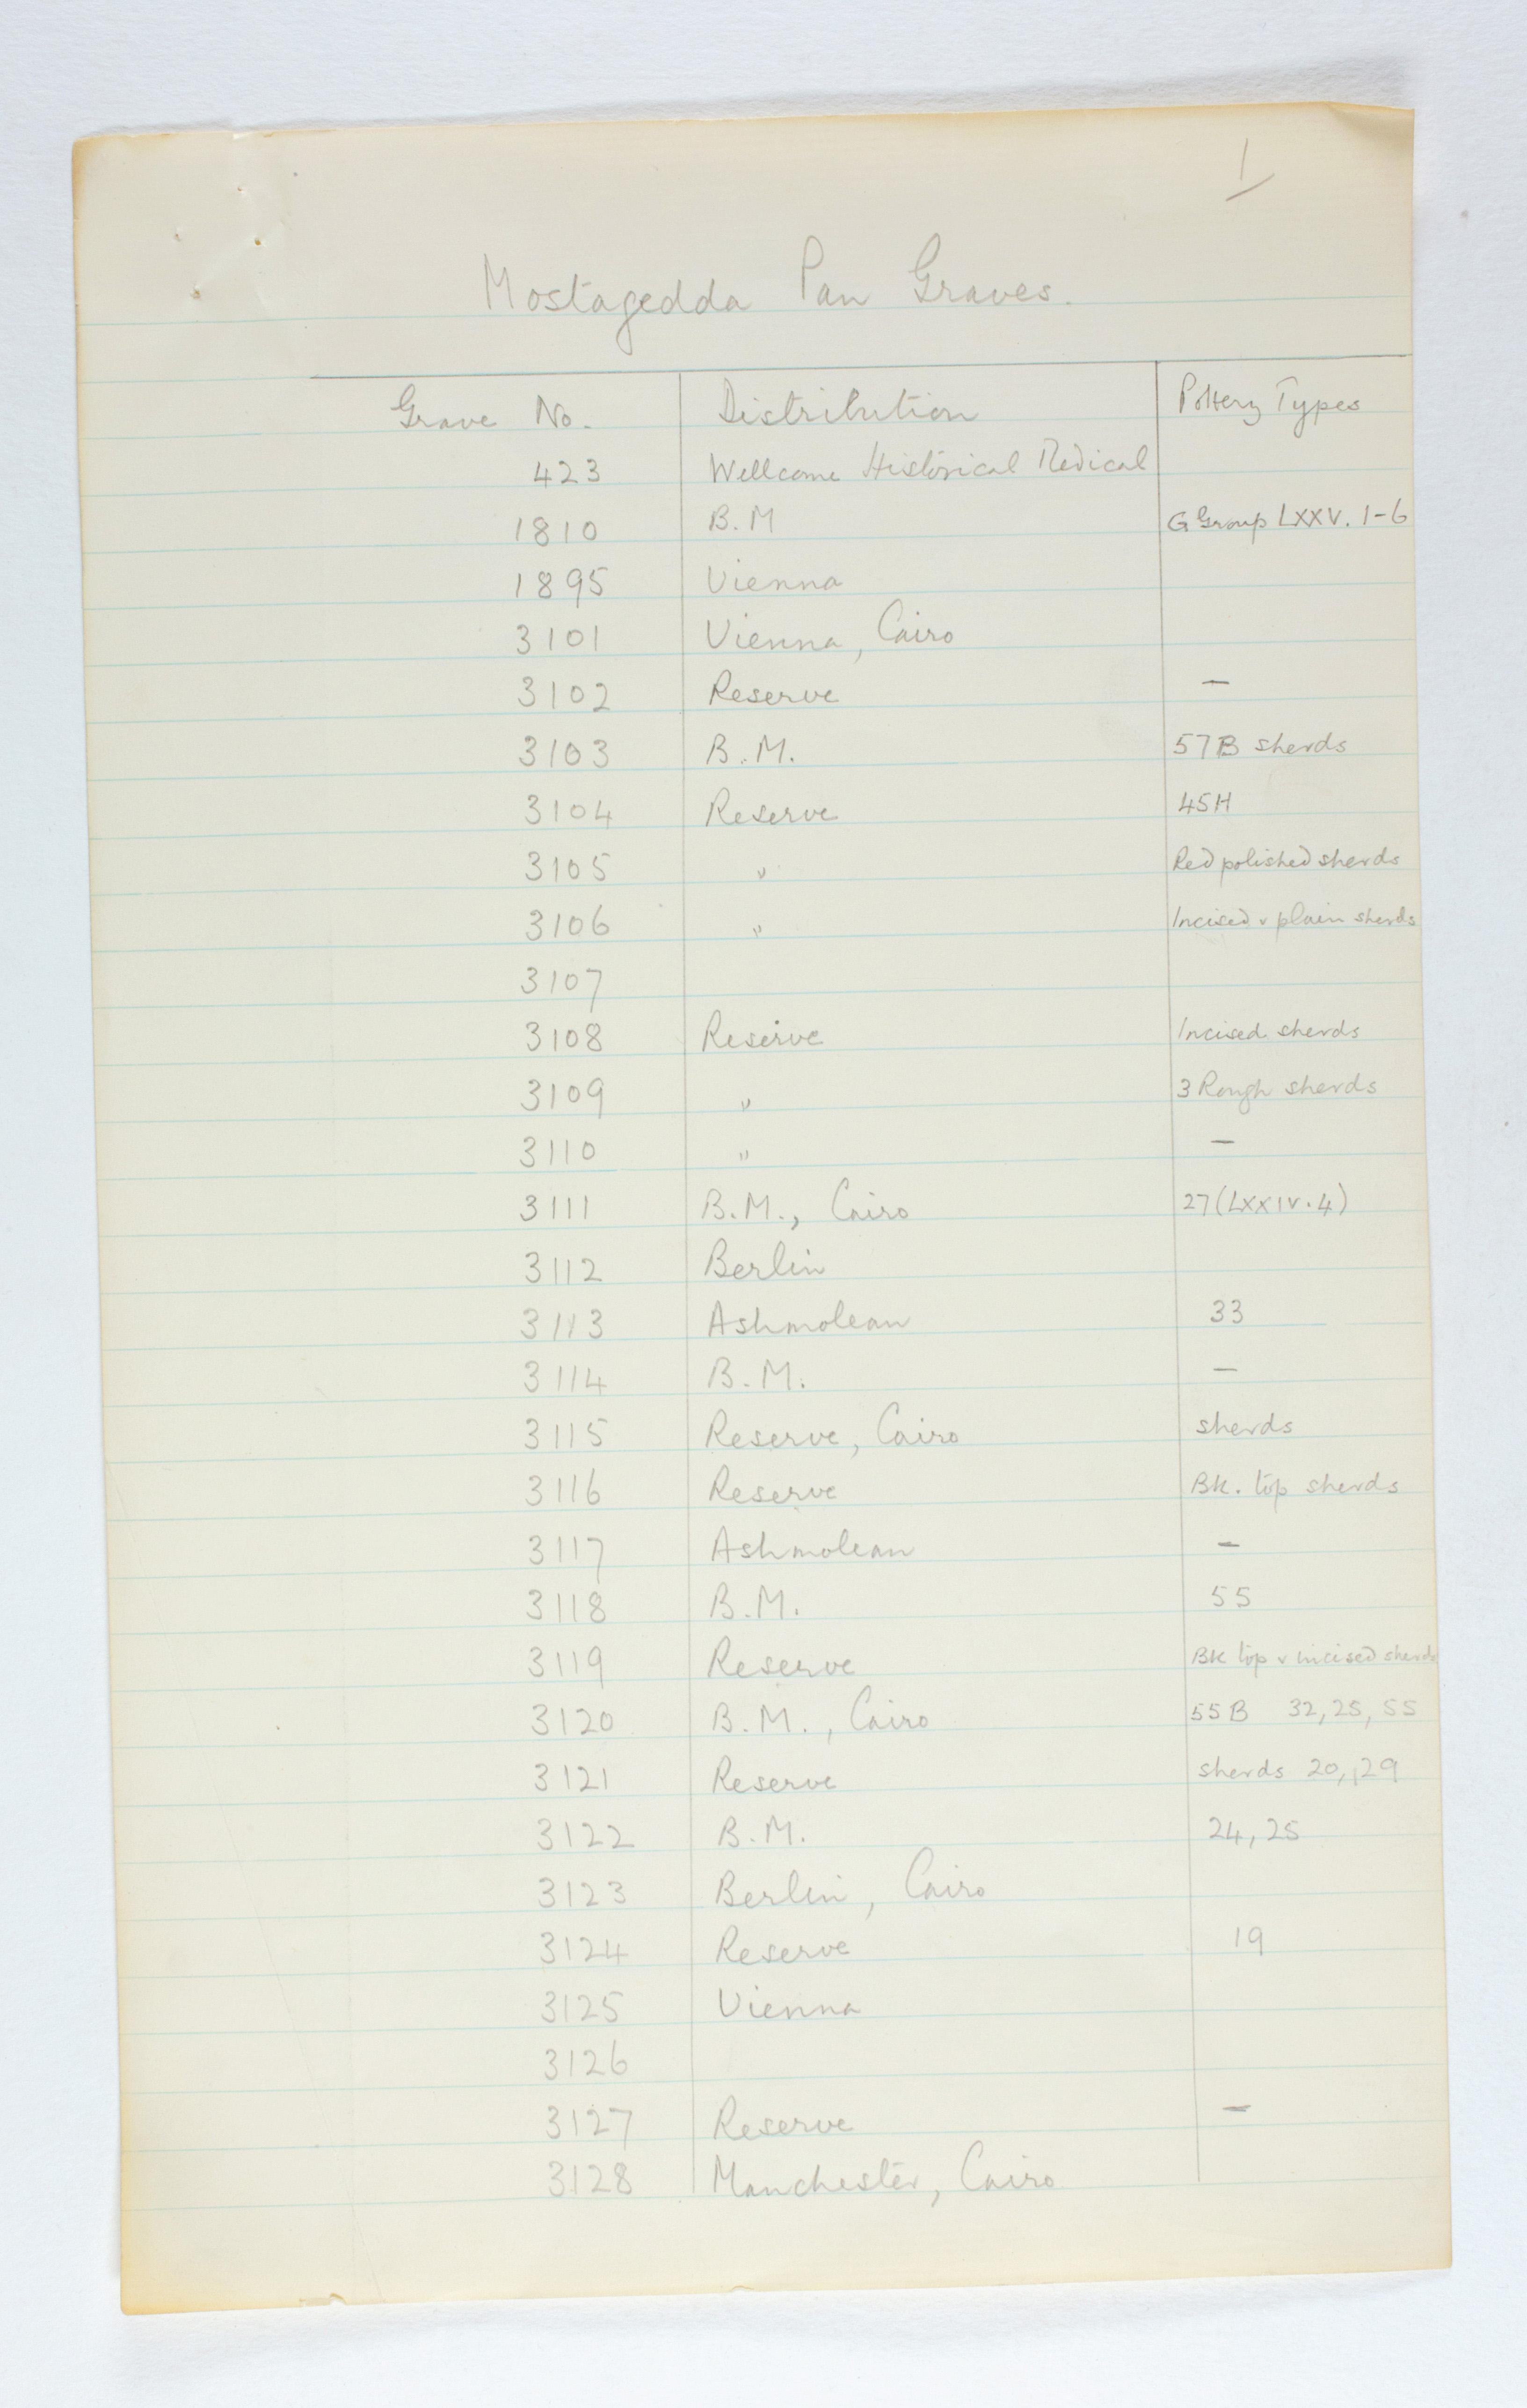 1929-30 Qau el-Kebir, Mostagedda Multiple institution list PMA/WFP1/D/31/1.5